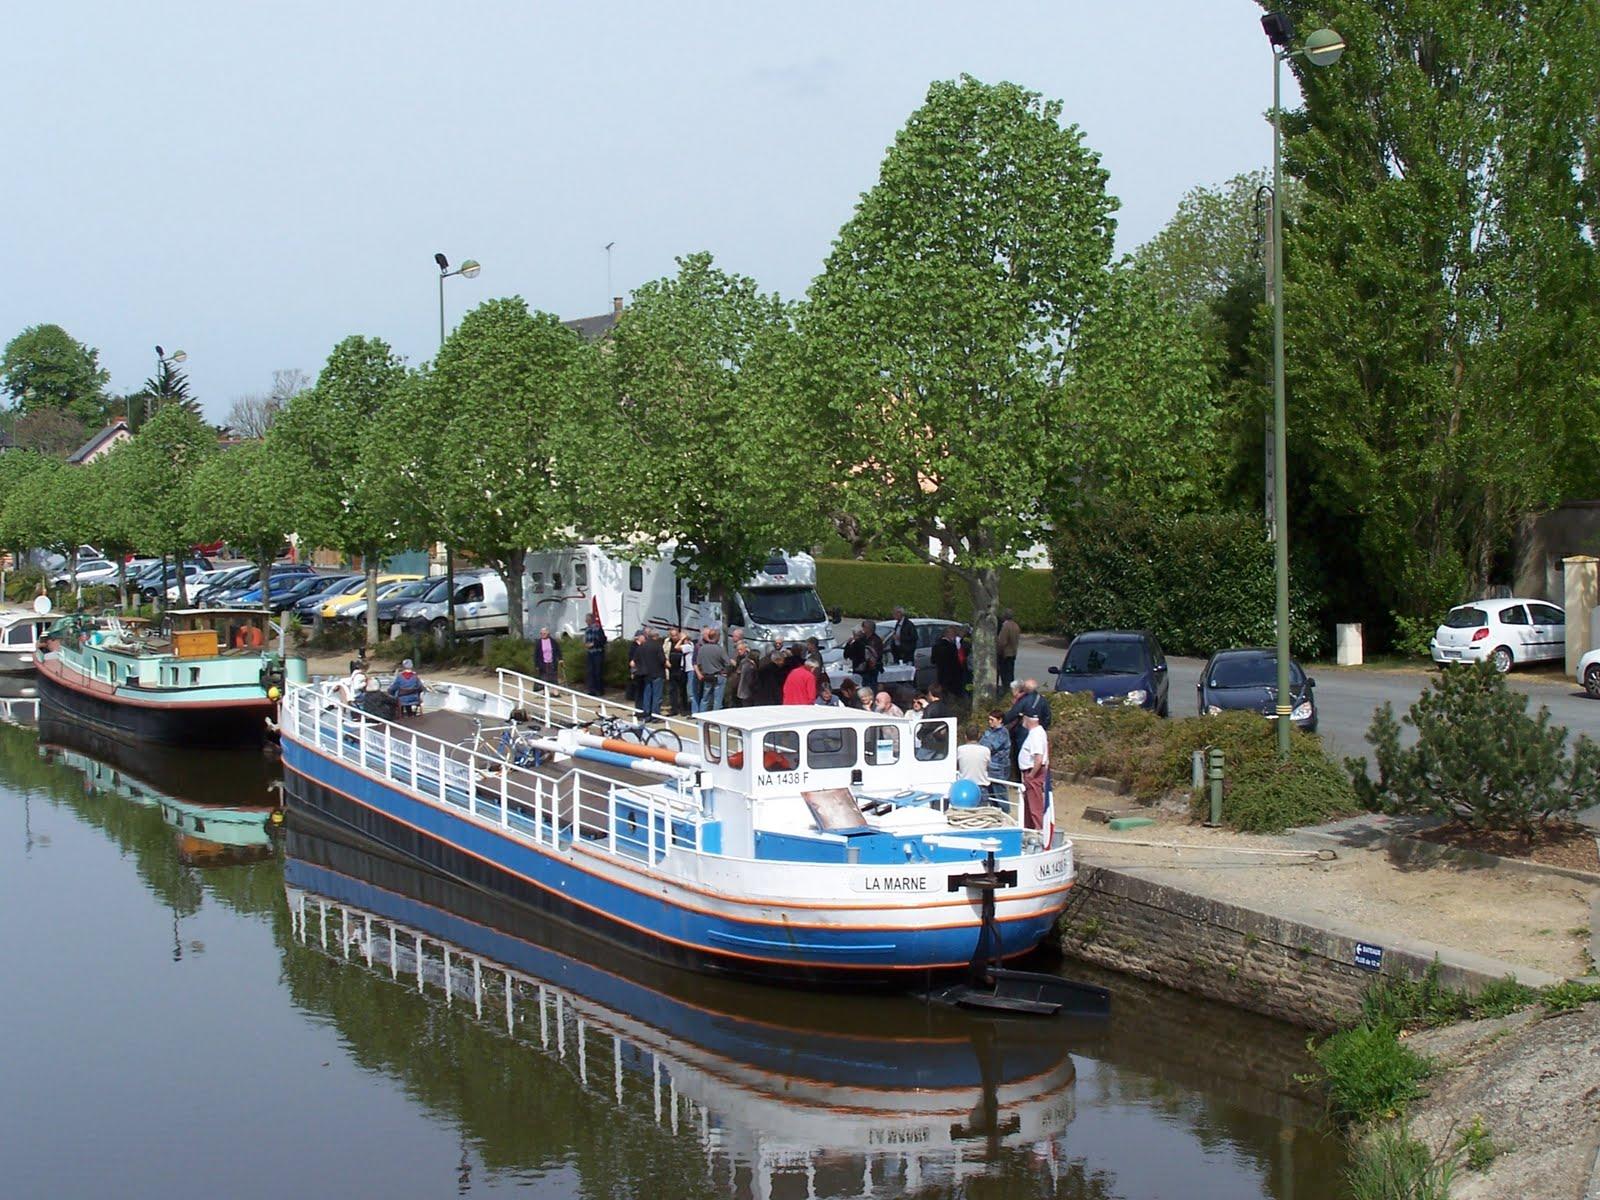 Entre canal et for t p niches au port de blain - Bassin pneu occasion brest ...